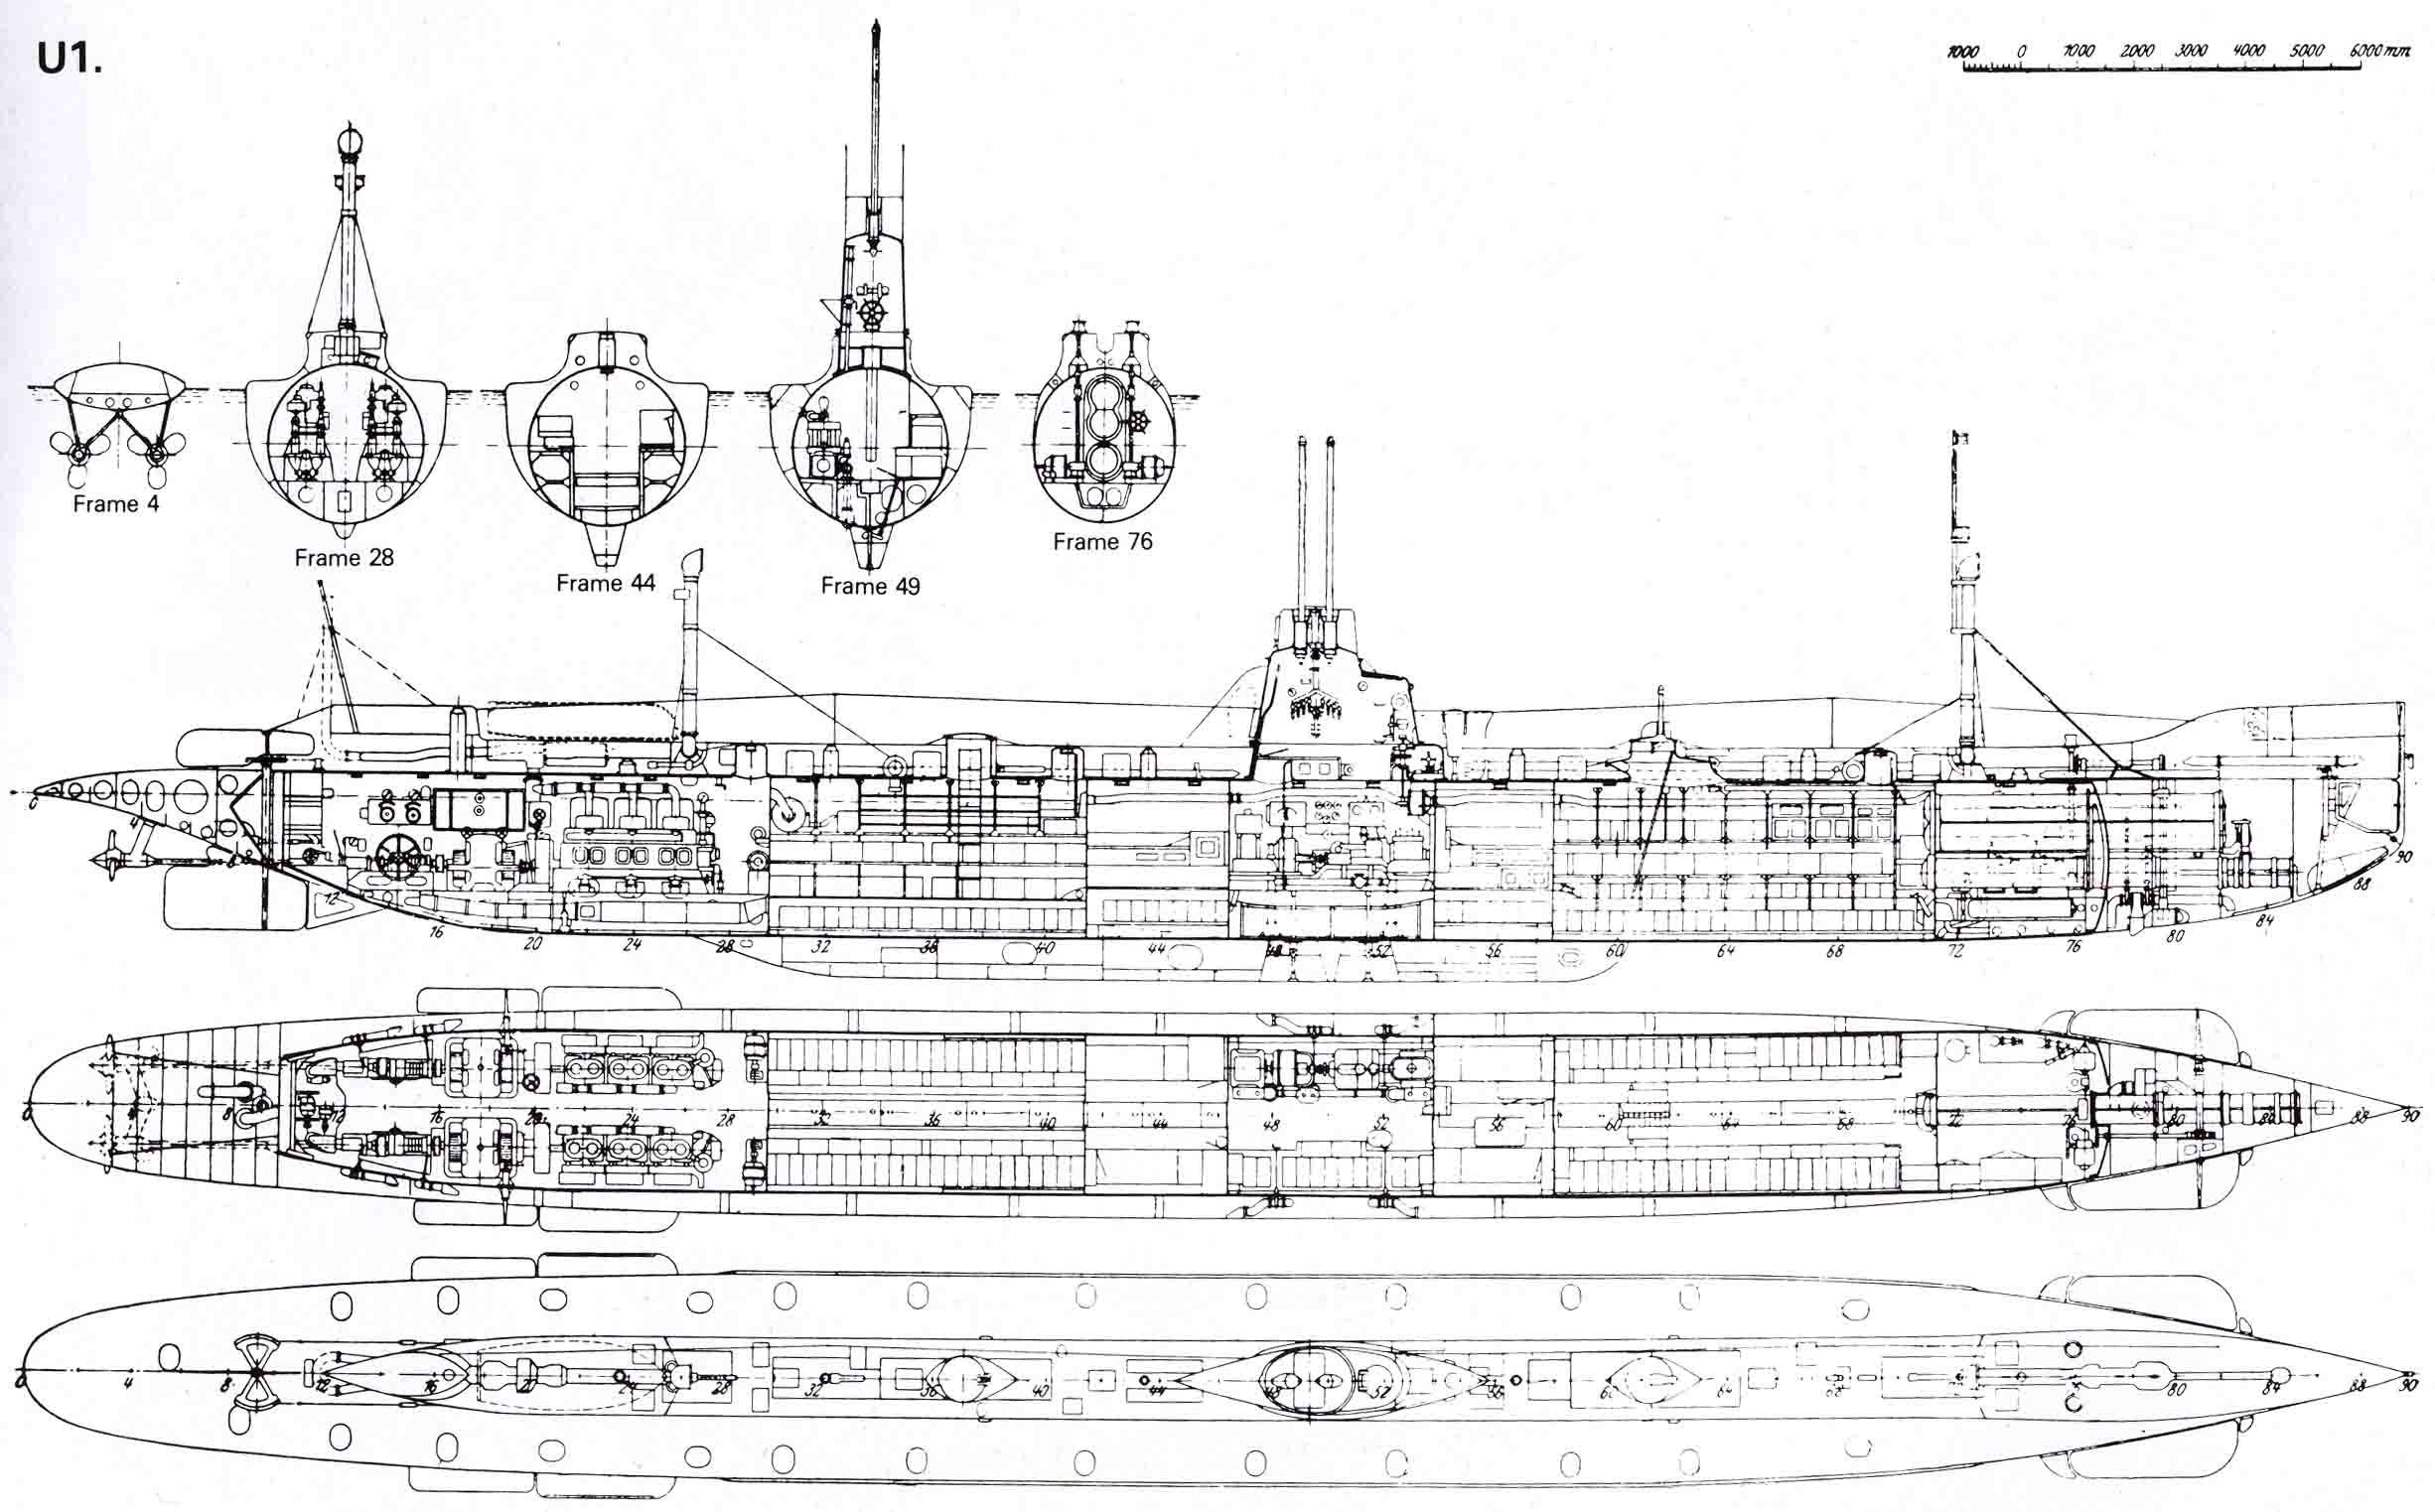 submarine full hd wallpaper and background image ... interior german u boat diagram german u boat diagram illustrations #2